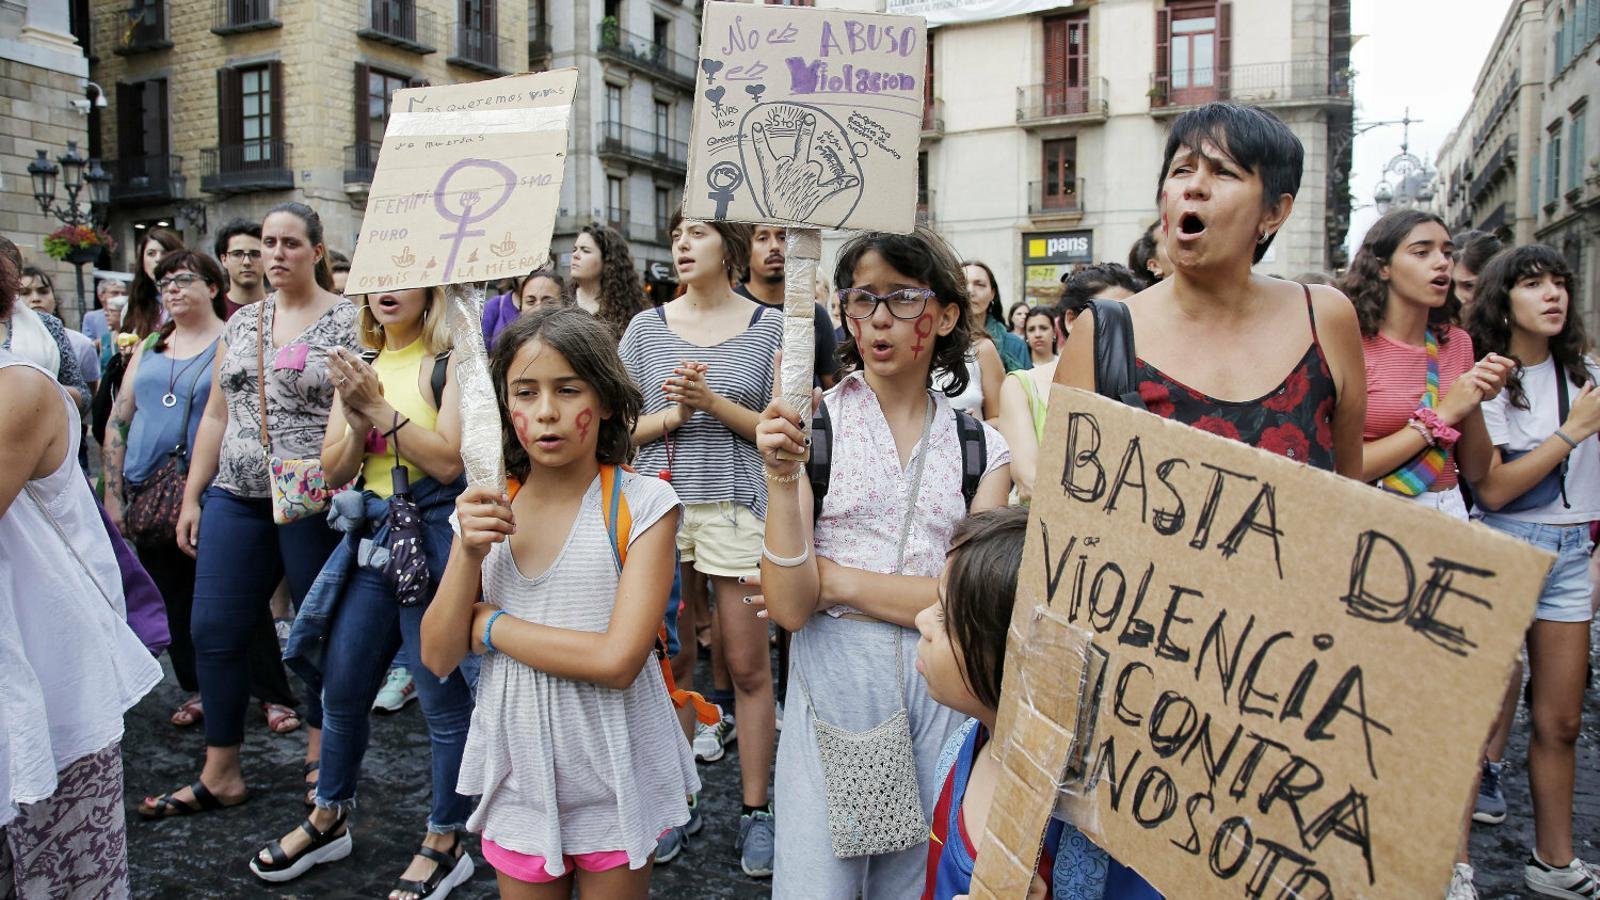 Ahir es van fer concentracions en diverses ciutats -Barcelona a la foto- per donar suport a la víctima de Manresa.